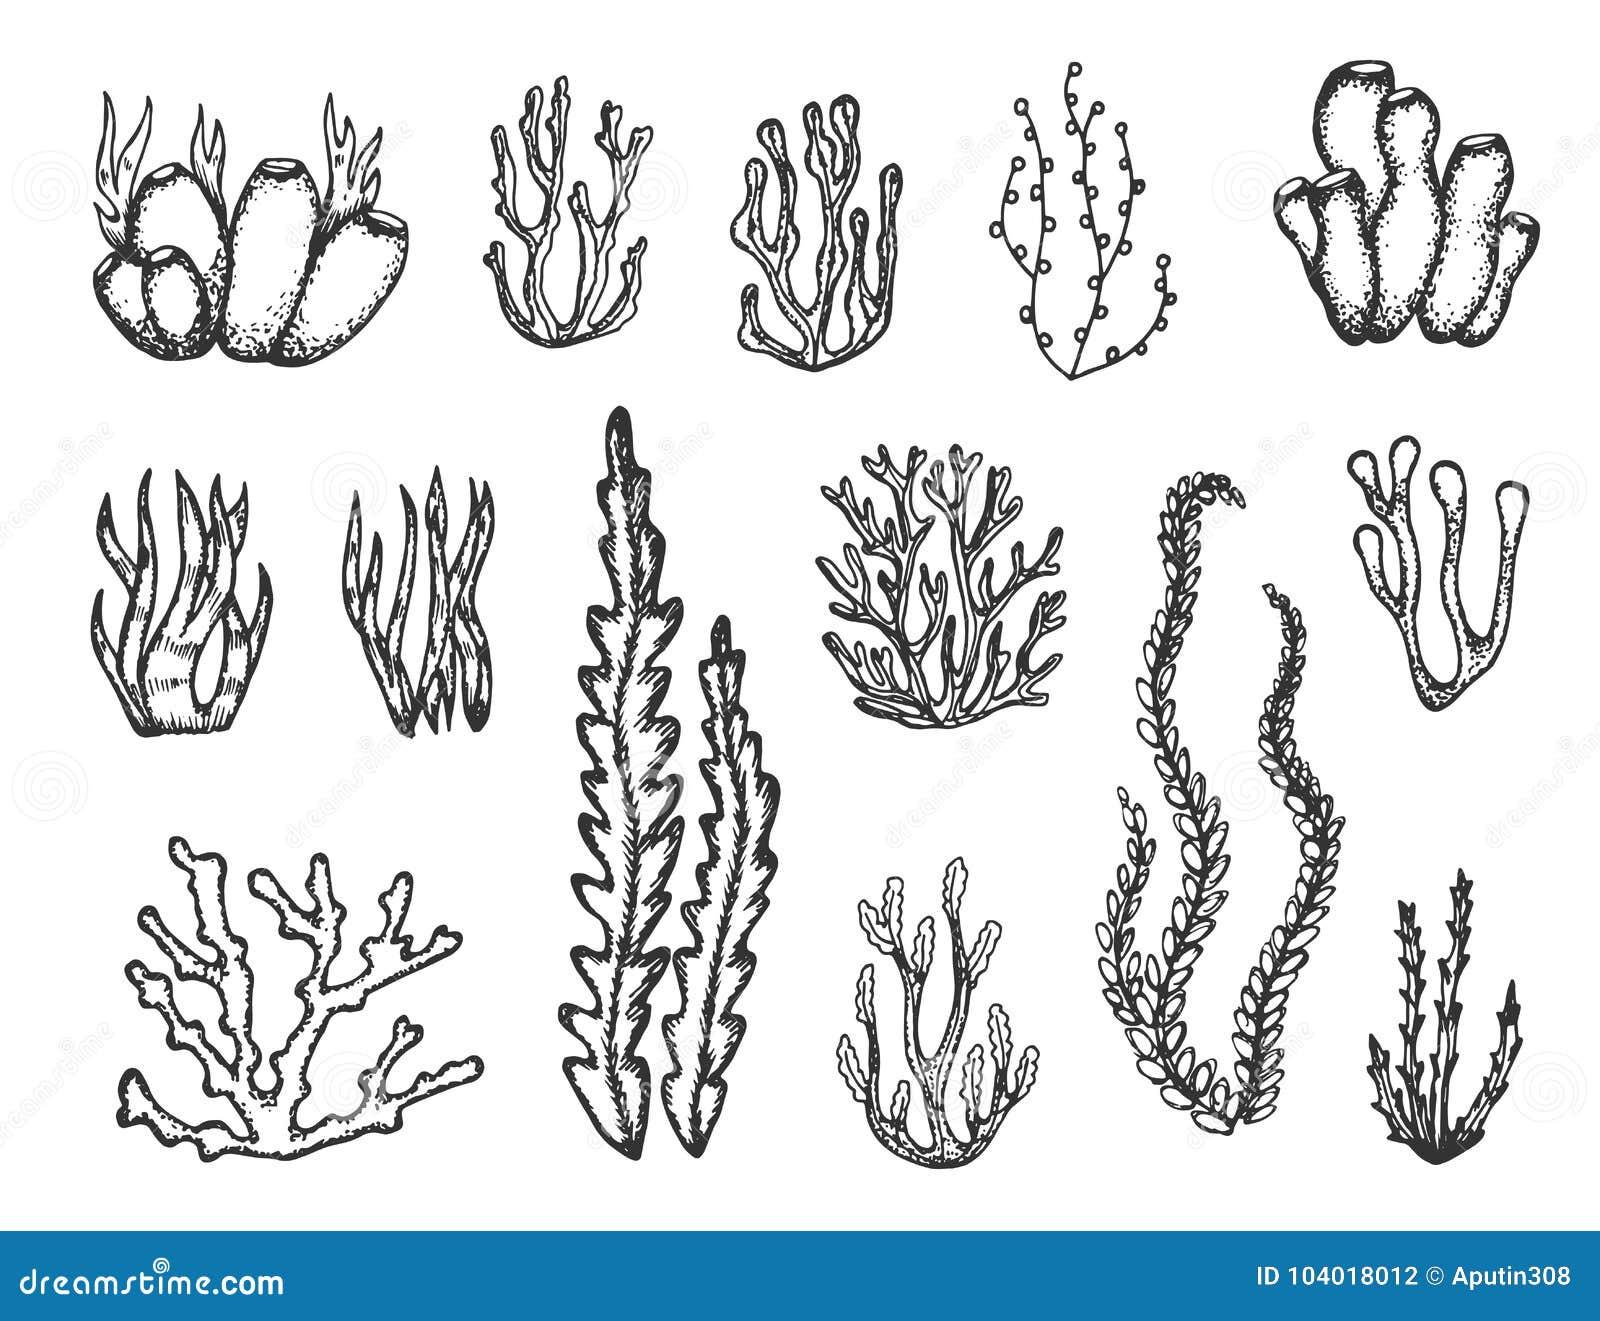 Alghe E Schizzo Fissato Coralli Illustrazione Vettoriale